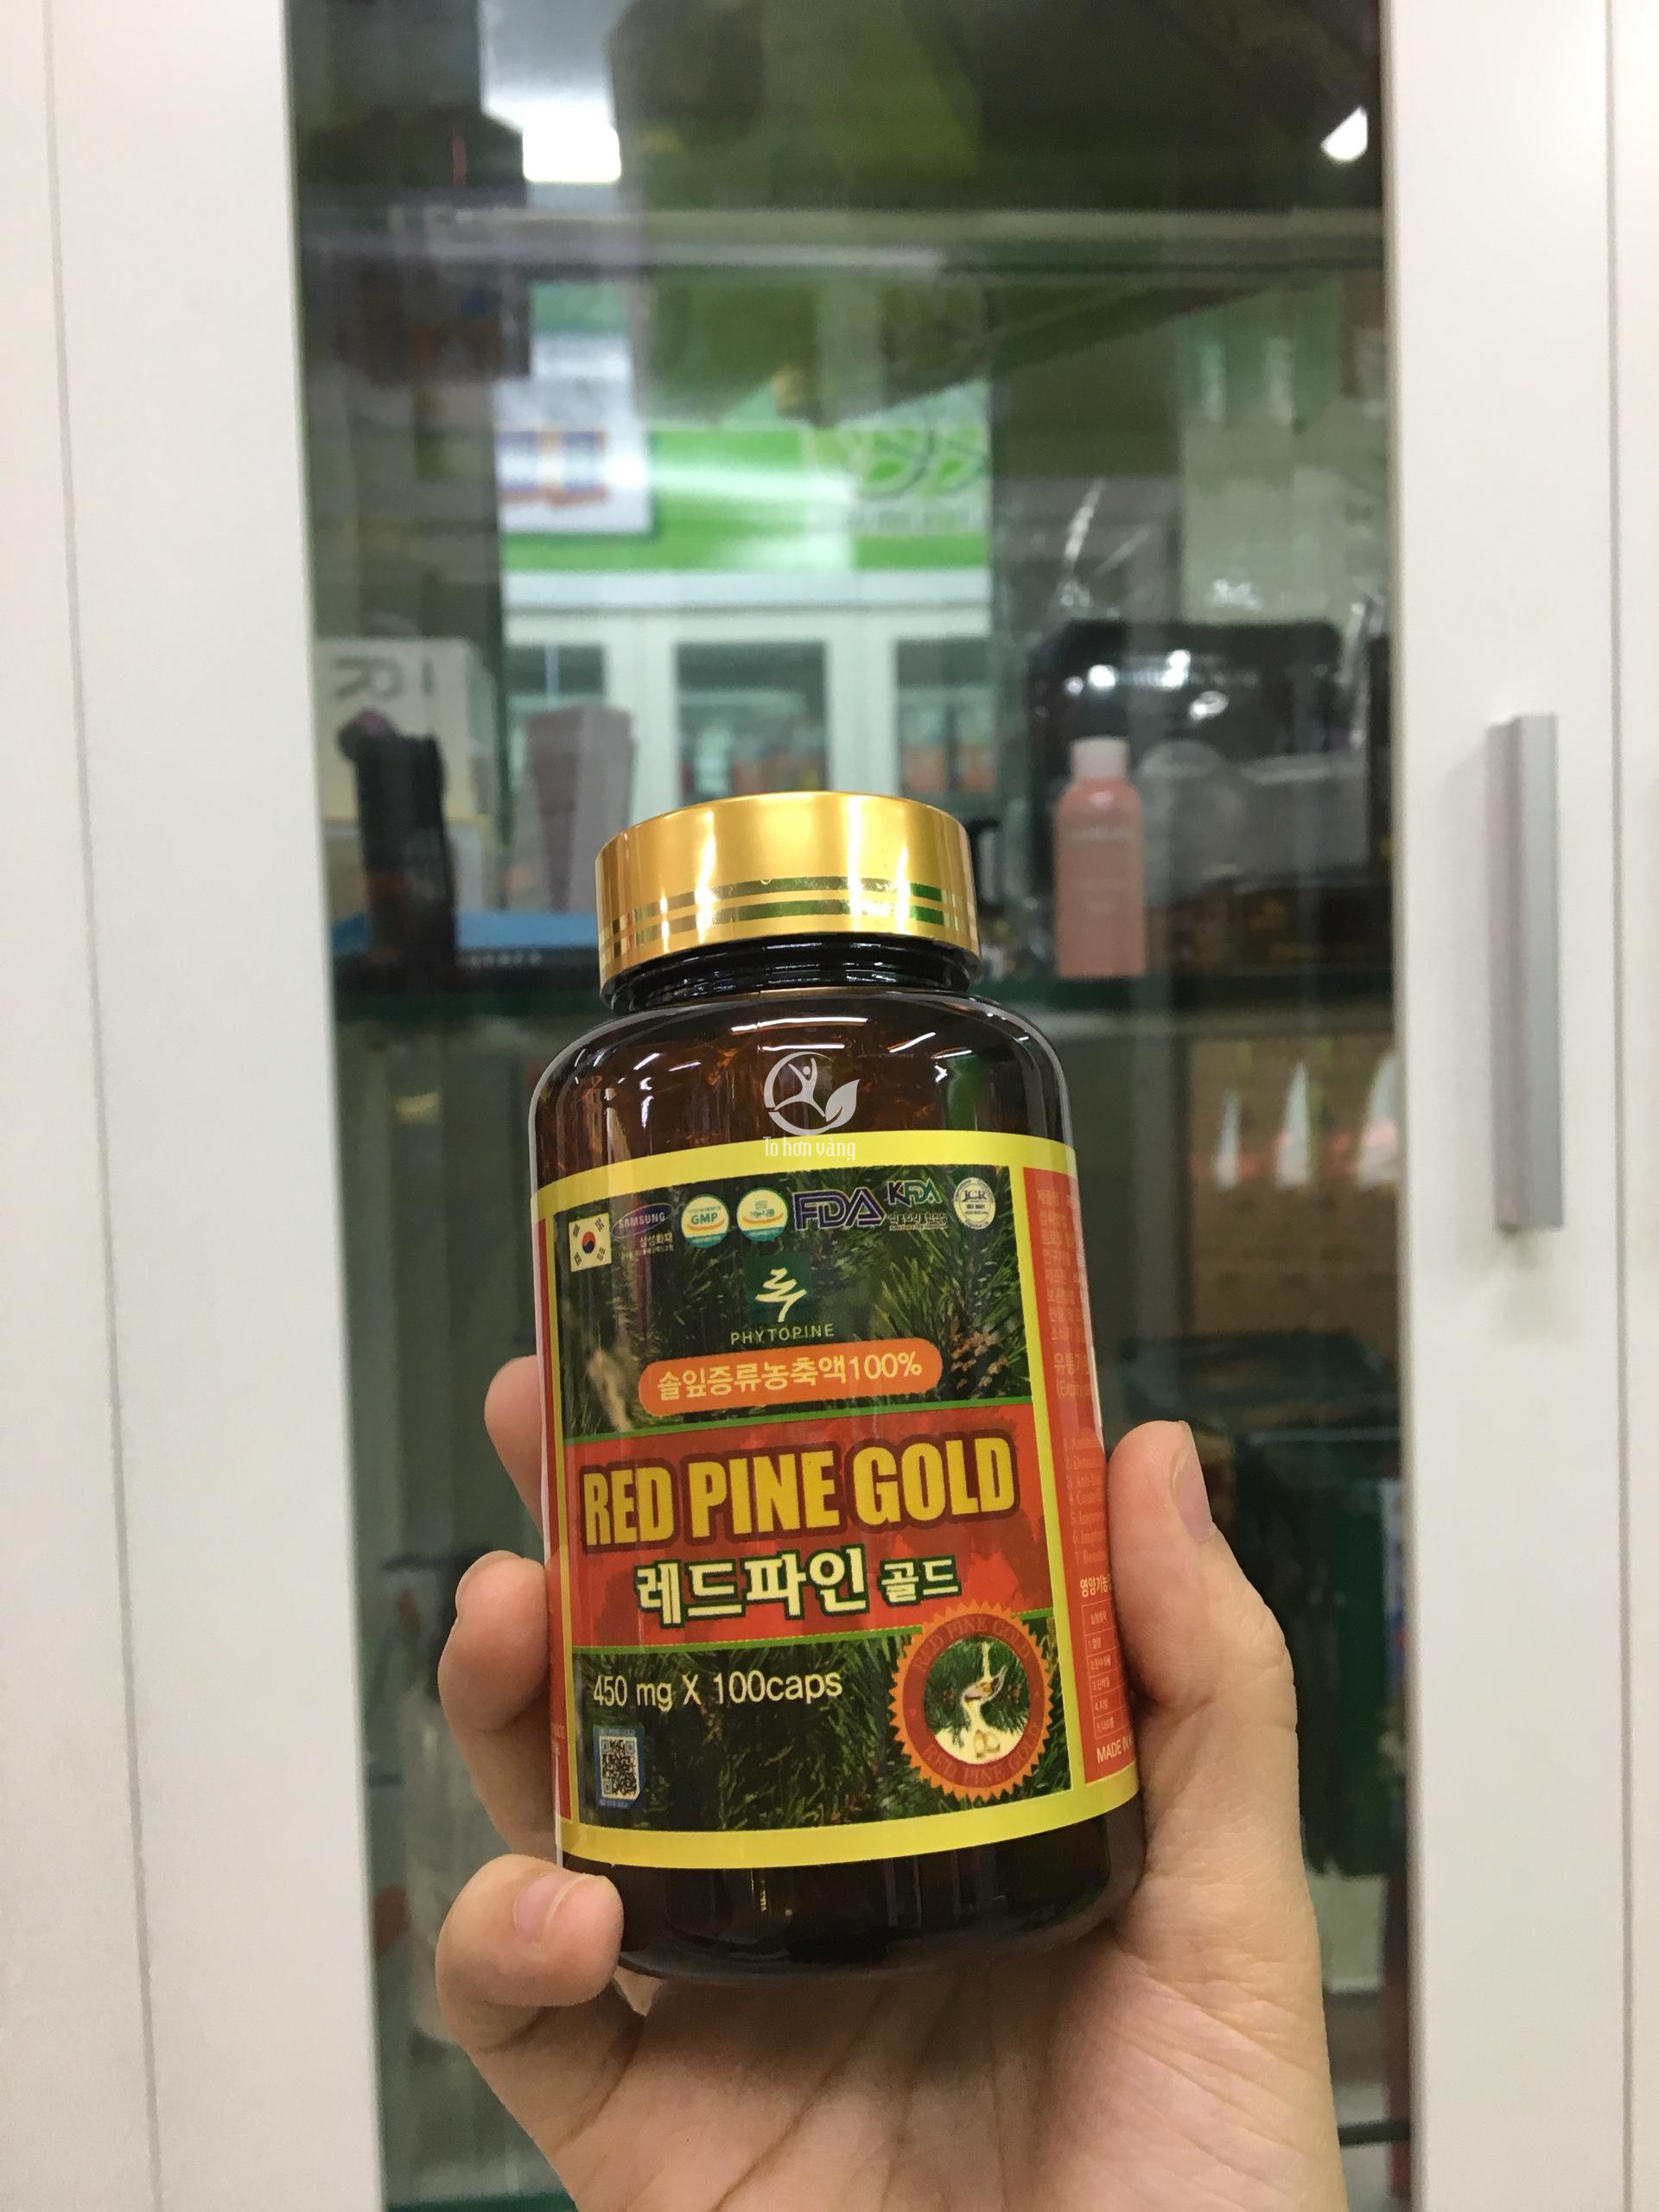 Viên tinh dầu thông đỏ Red Pine Gold phù hợp với người lớn và trẻ em trên 10 tuổi